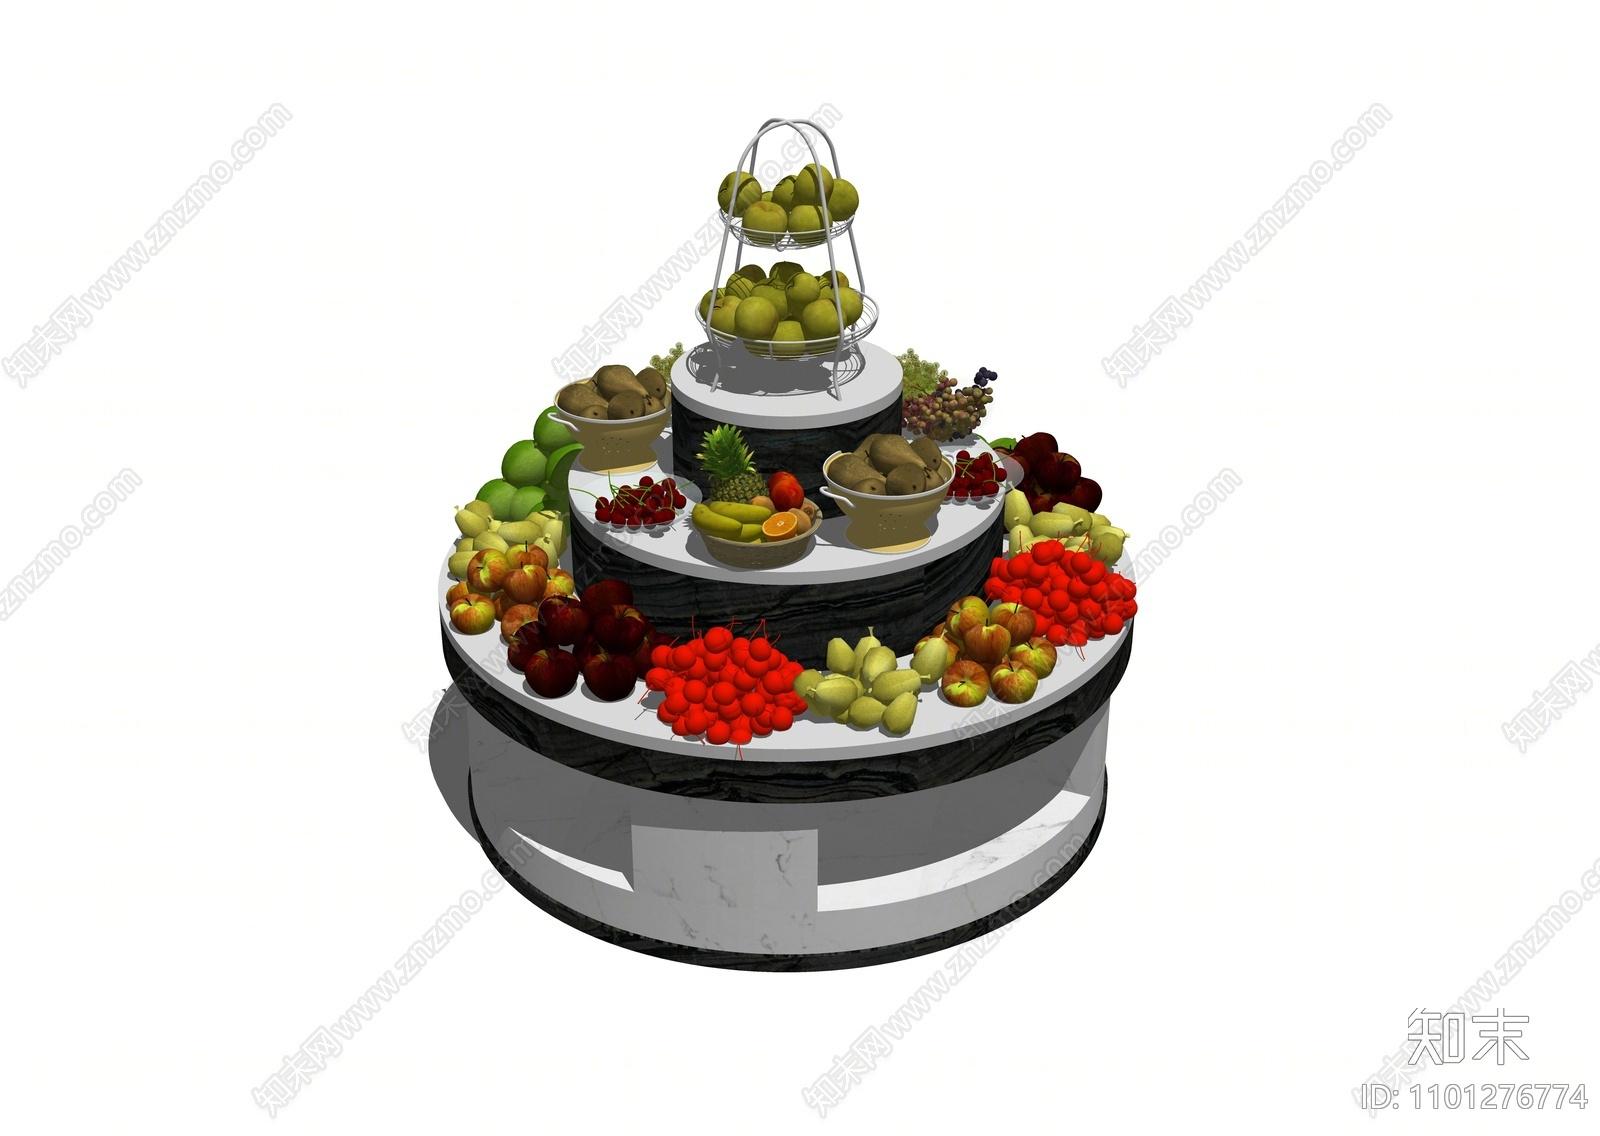 现代水果蔬菜展柜货架SU模型下载【ID:1101276774】